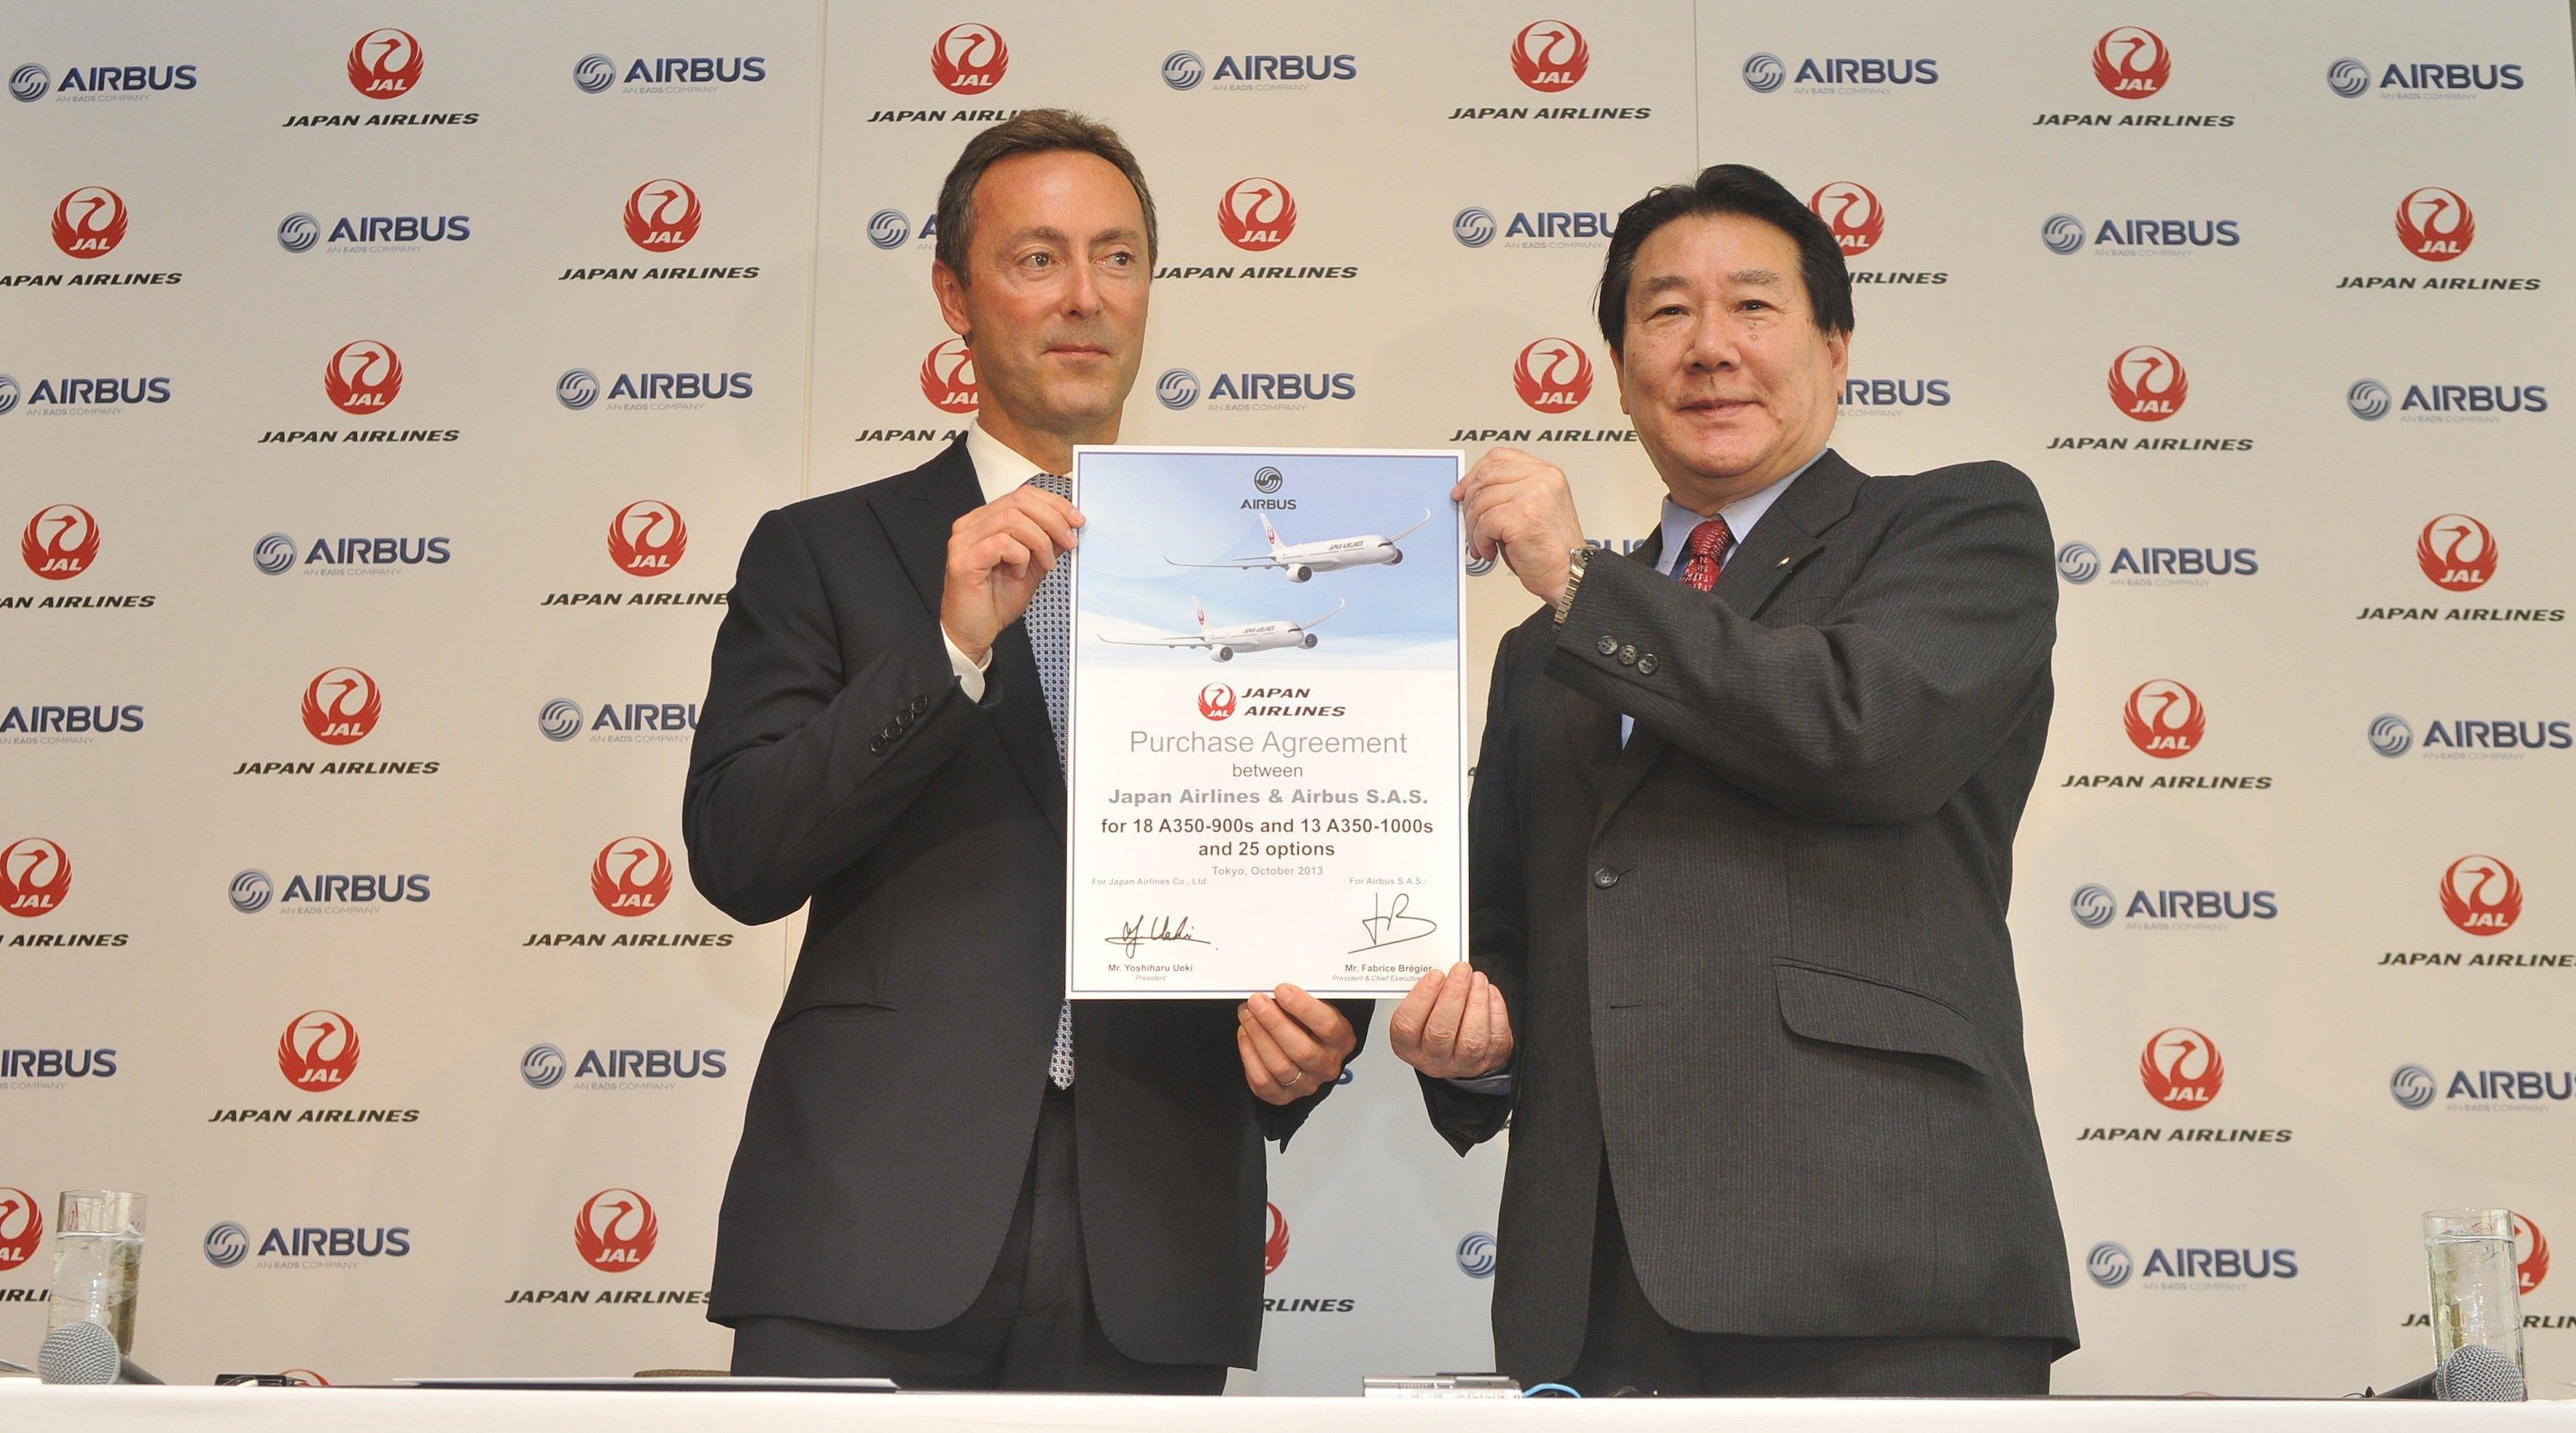 Aibus-Chef Fabrice Brégier und der Chef der Fluggesellschaft Japan Airlines, Yoshiharu Ueki, unterzeichneten die Bestellung von 31 Flugzeugen des Langstreckenmodells A 350.